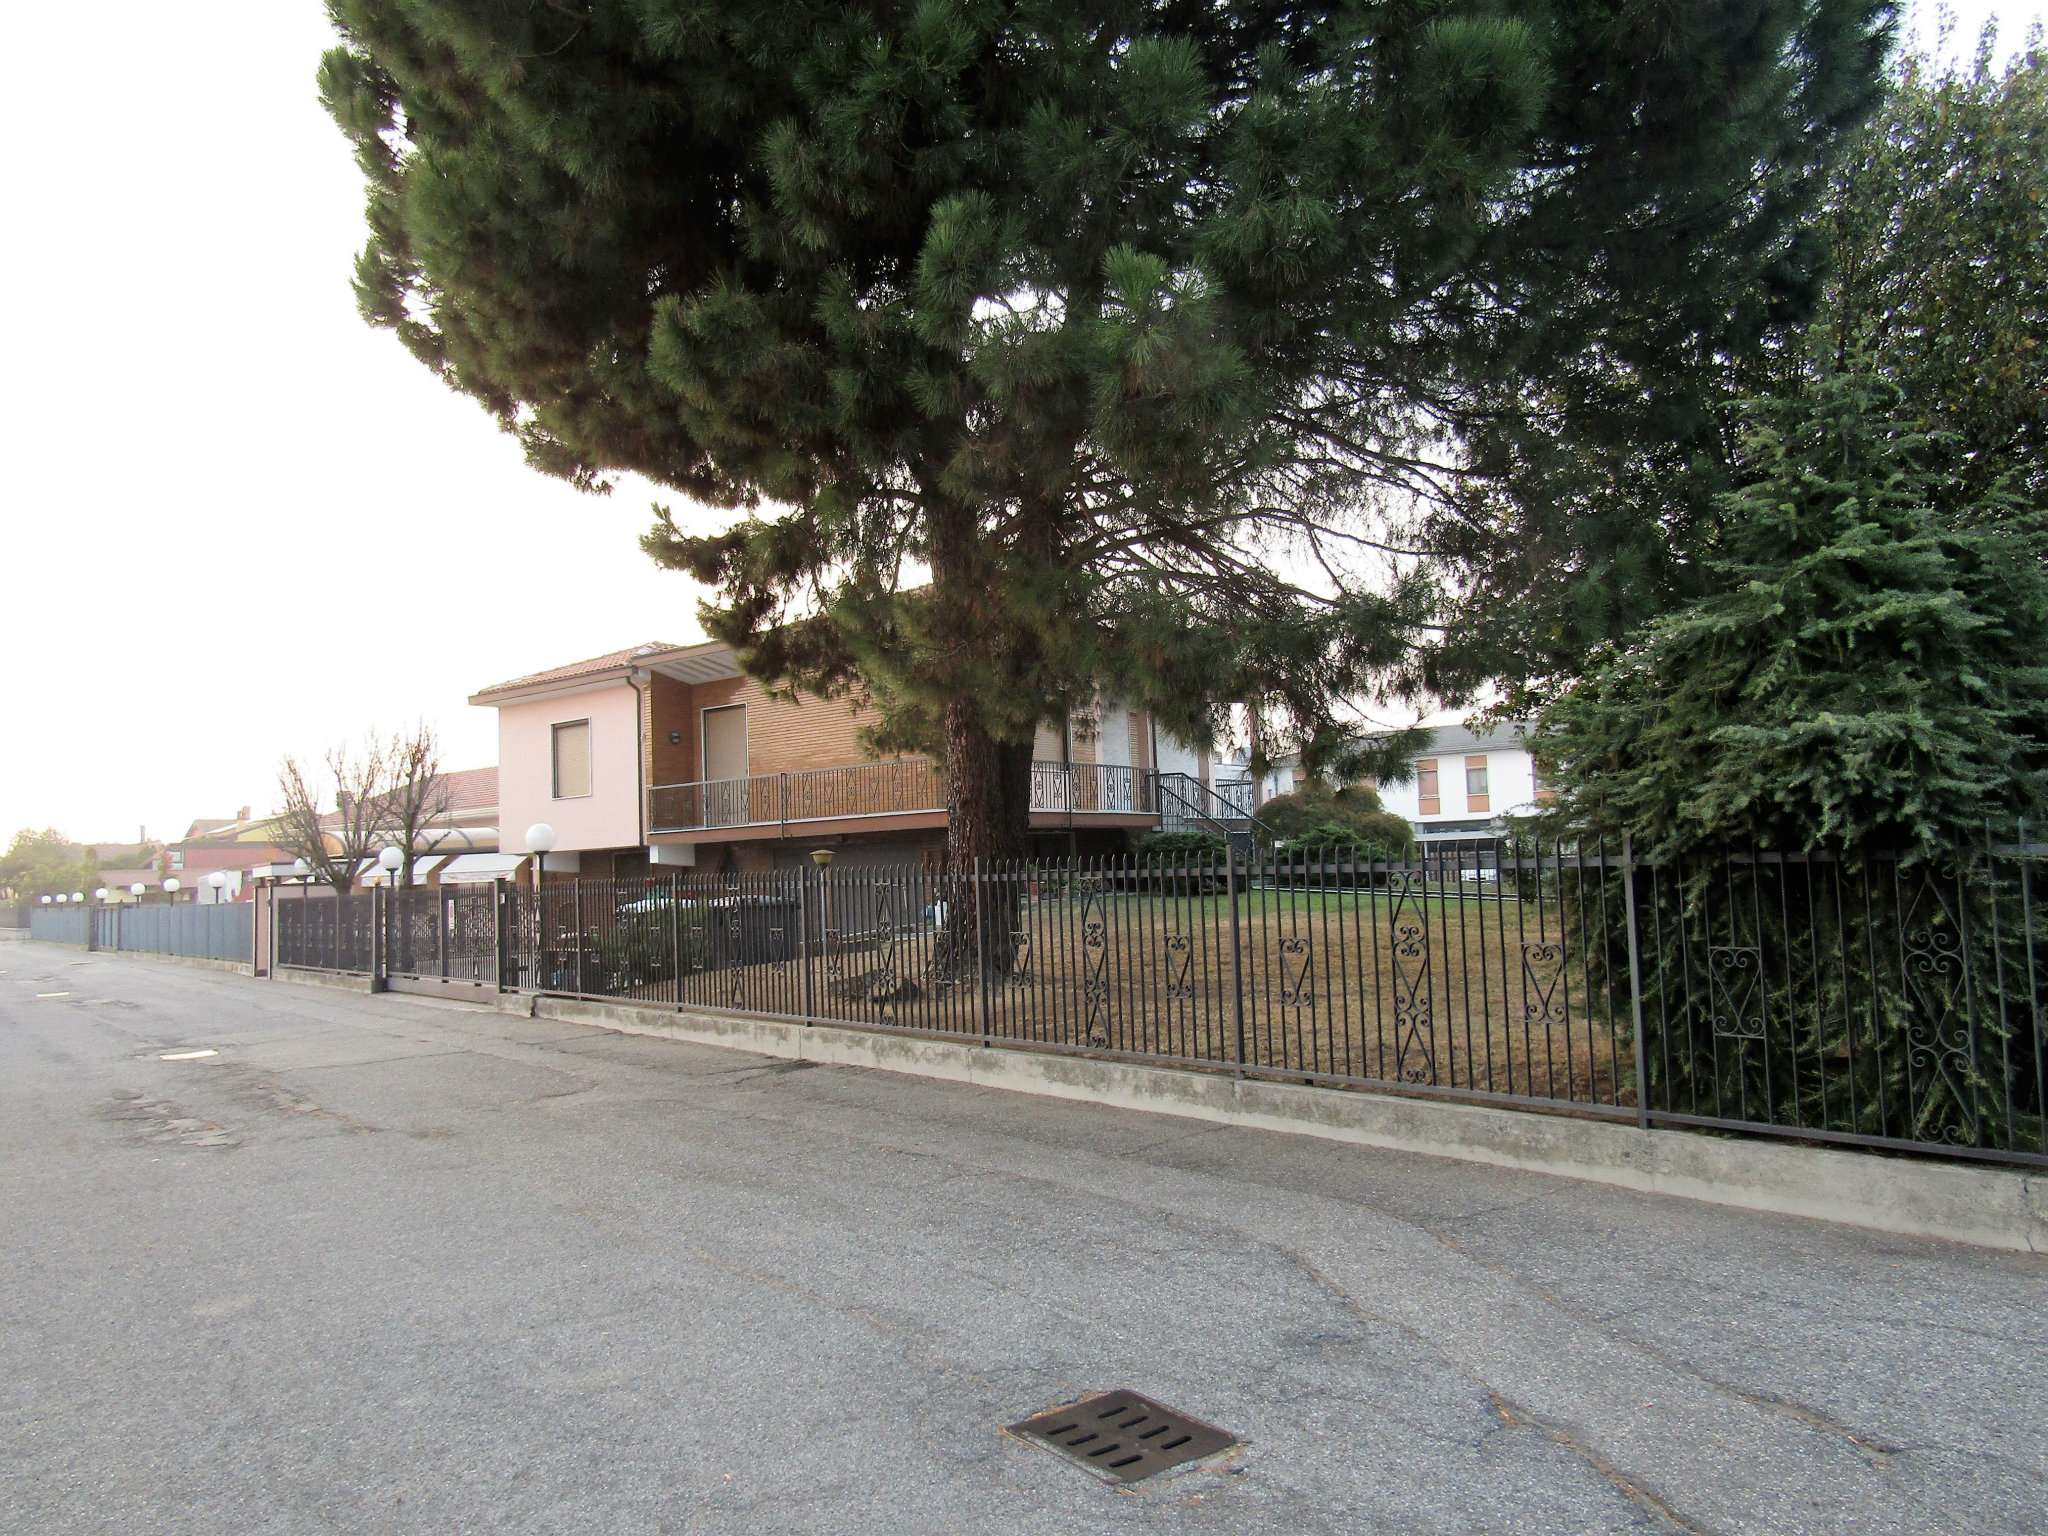 Negozio / Locale in vendita a Vigevano, 10 locali, prezzo € 850.000 | CambioCasa.it